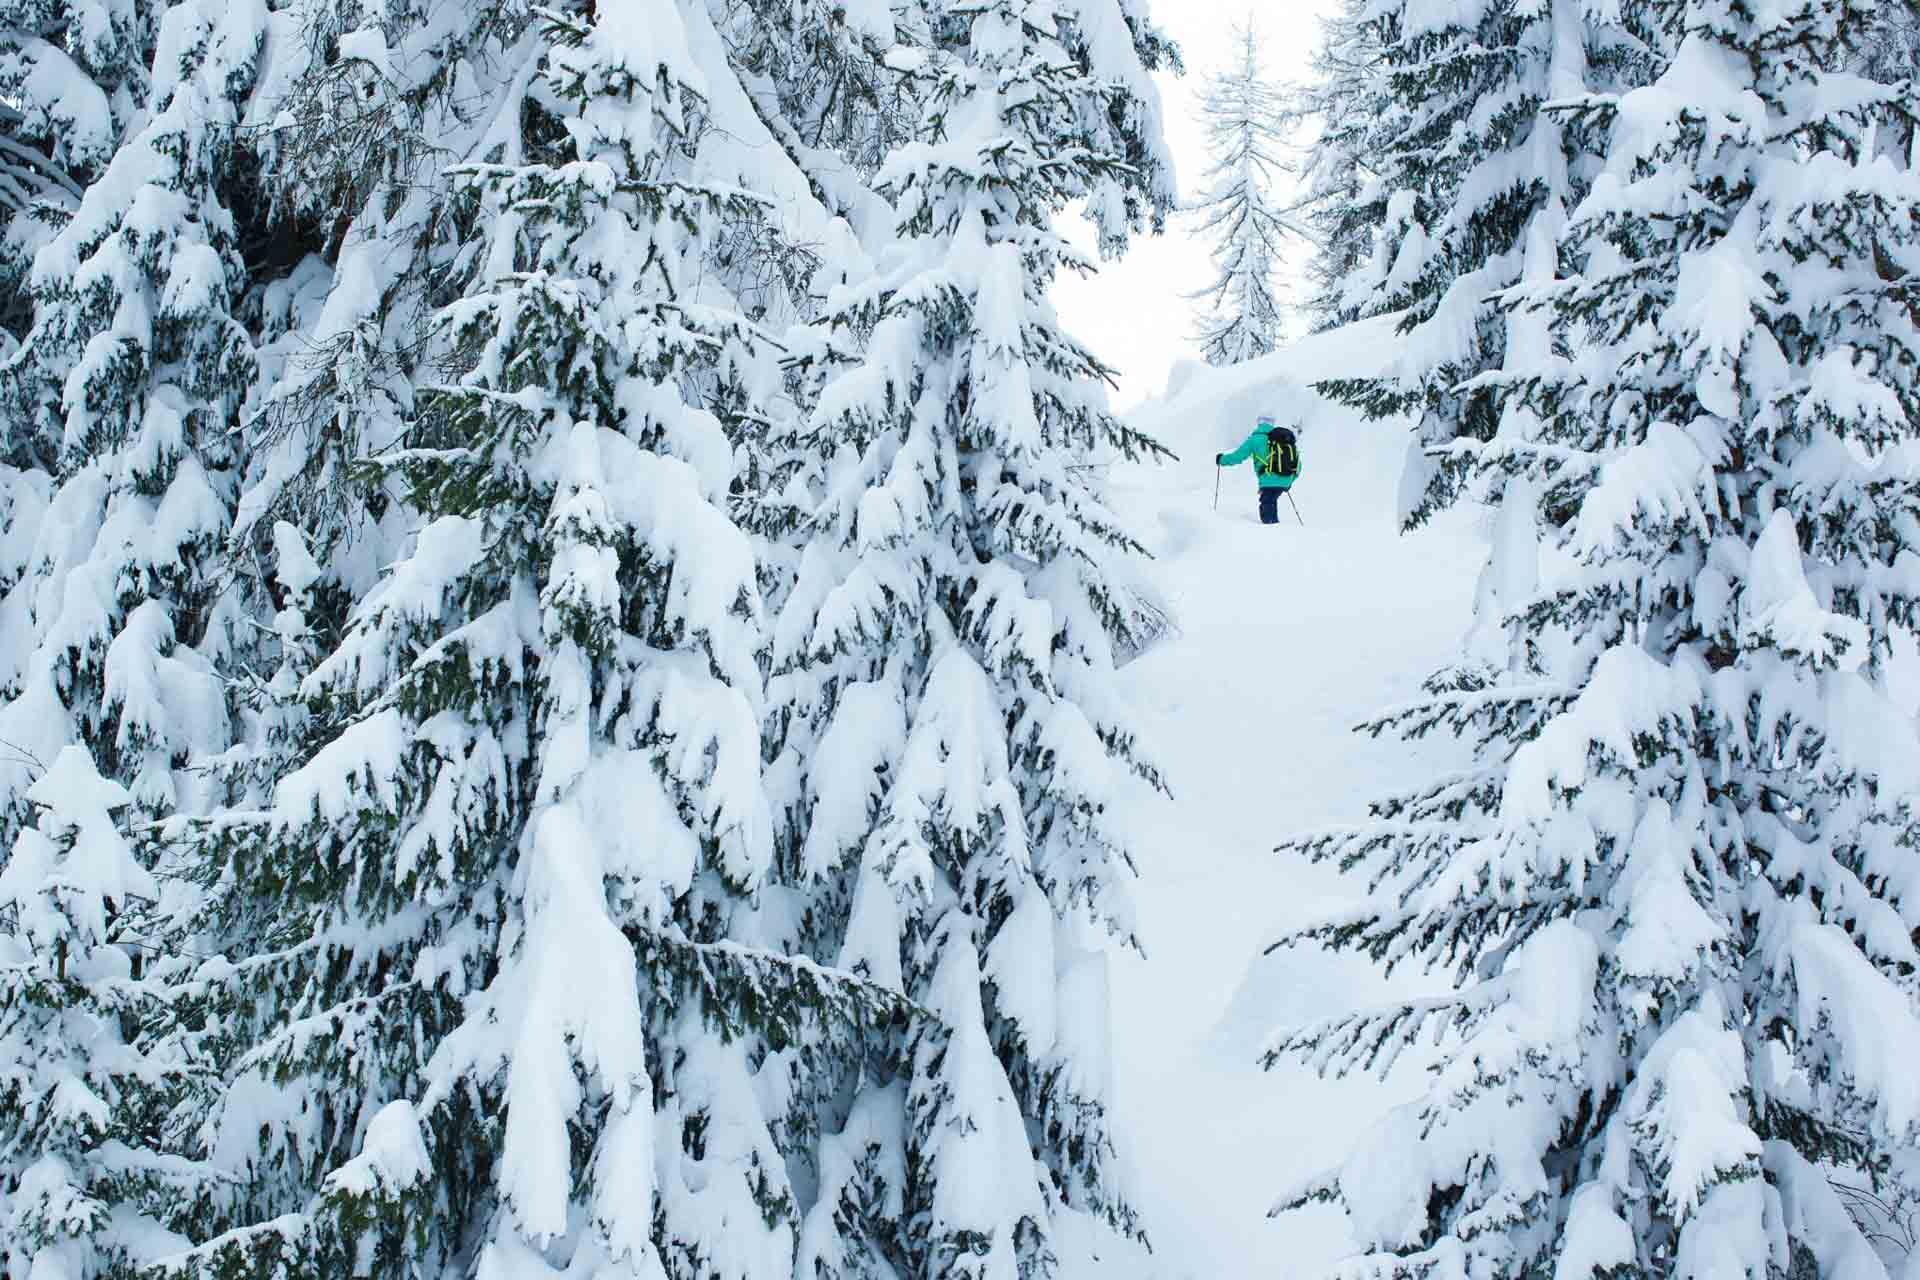 Le ski de randonnée à travers les sapins, avant une descente bien méritée © Elina Sirparanta